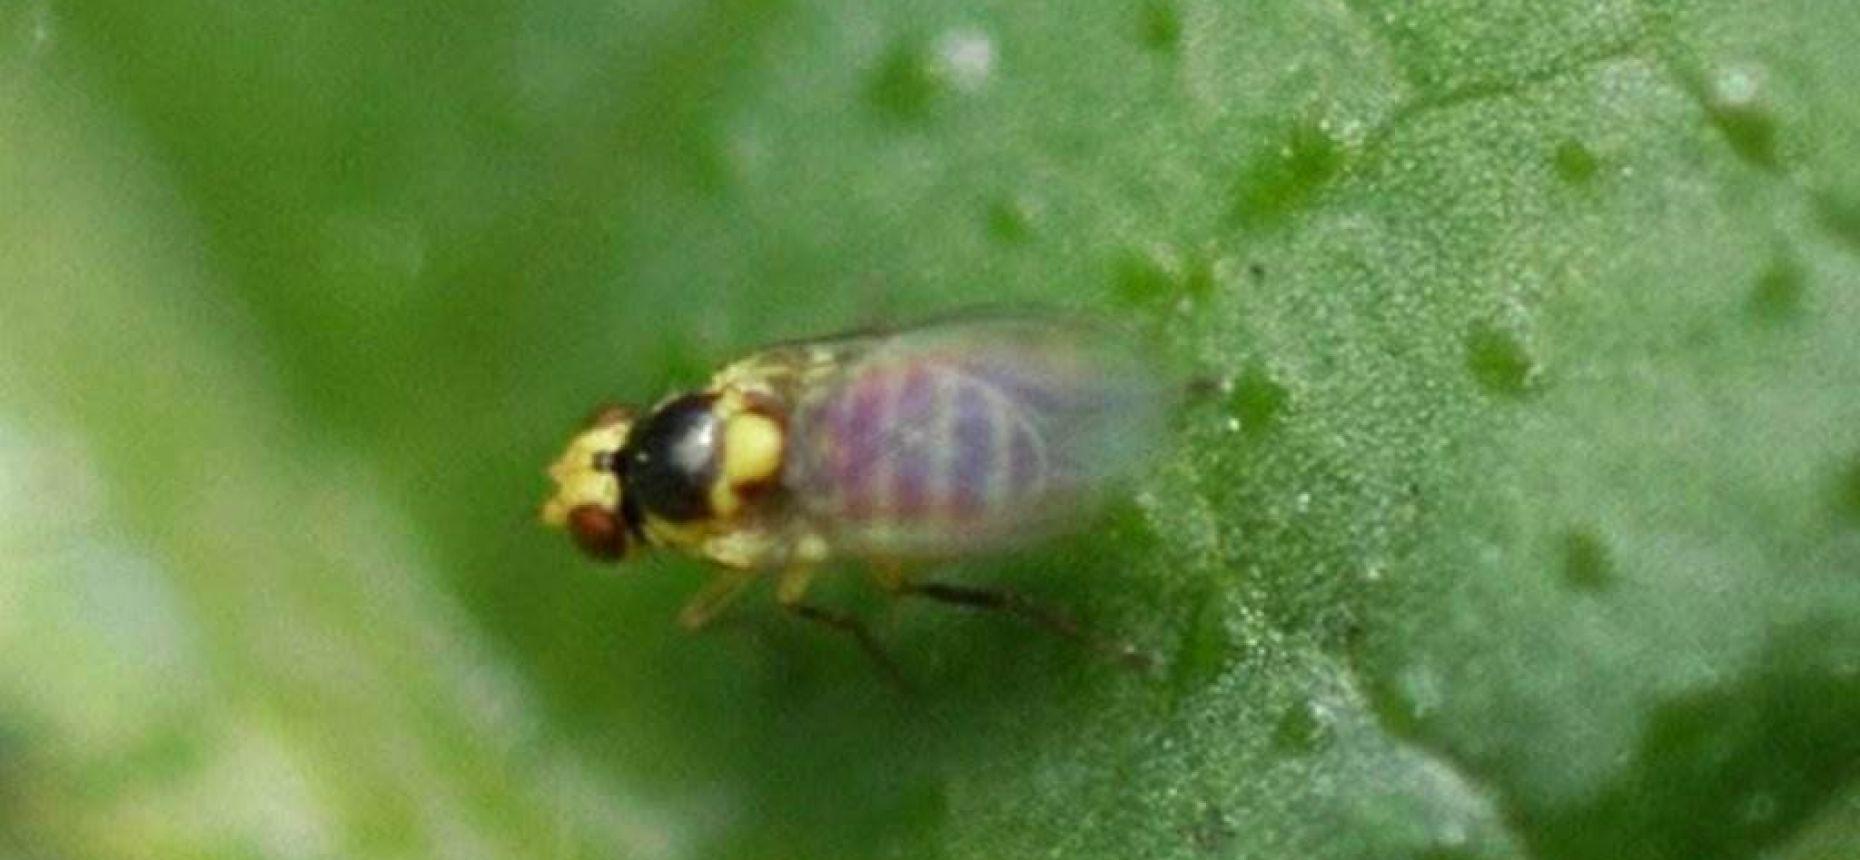 Томатный листовой минер - Liriomyza sativae Blanchard